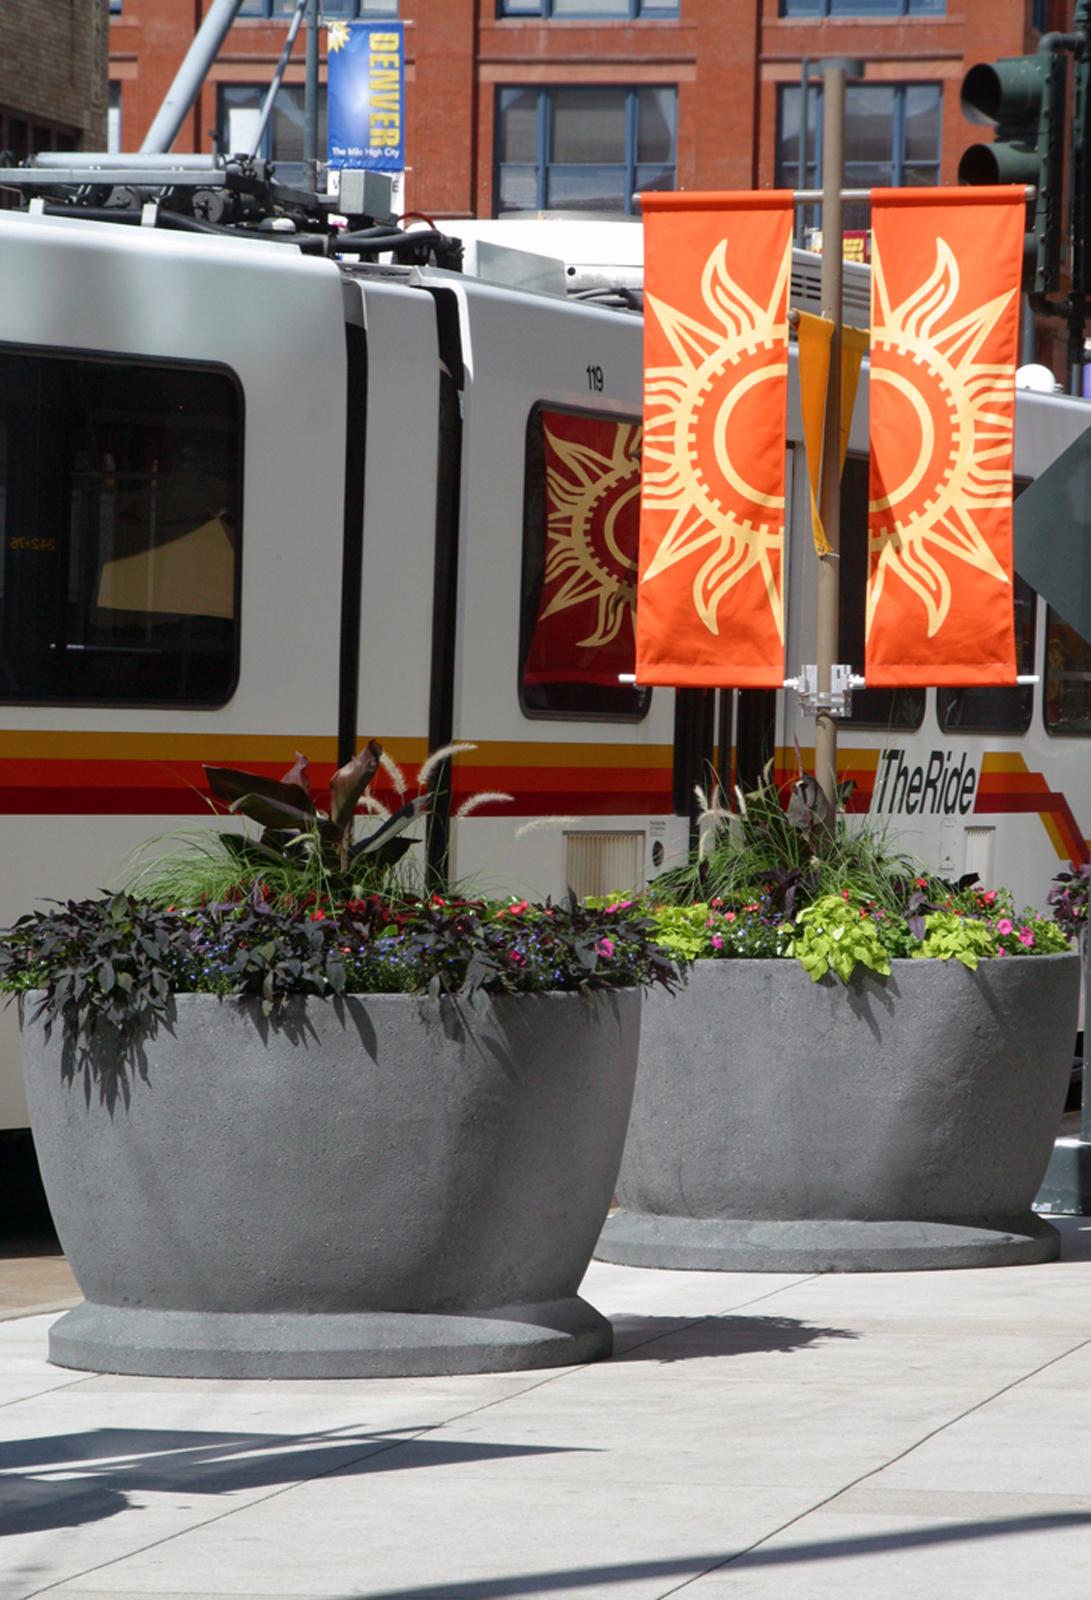 """<imgsrc=""""studioINSITE_Denver_Hyat_Regency_Streetscape_Art""""alt=""""Denver_Hotel_Urban Design_ Landscape Architecture_Hyatt Regency_Denver_Hotel_Urban Center_Light Rail, Convention Center, Urban Design"""" title=""""Hyatt Regency Denver""""/>"""